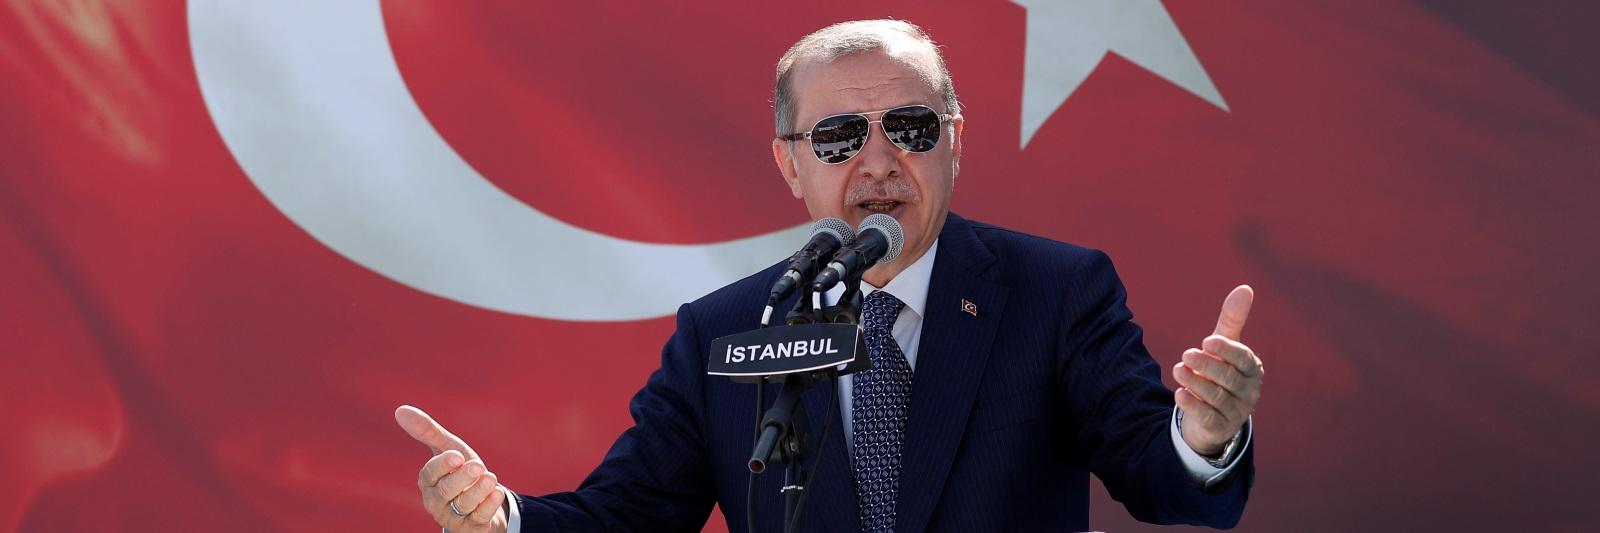 صورة حقيقة أم وهم.. هل يقود أردوغان مشروع الخلافة الجديد؟